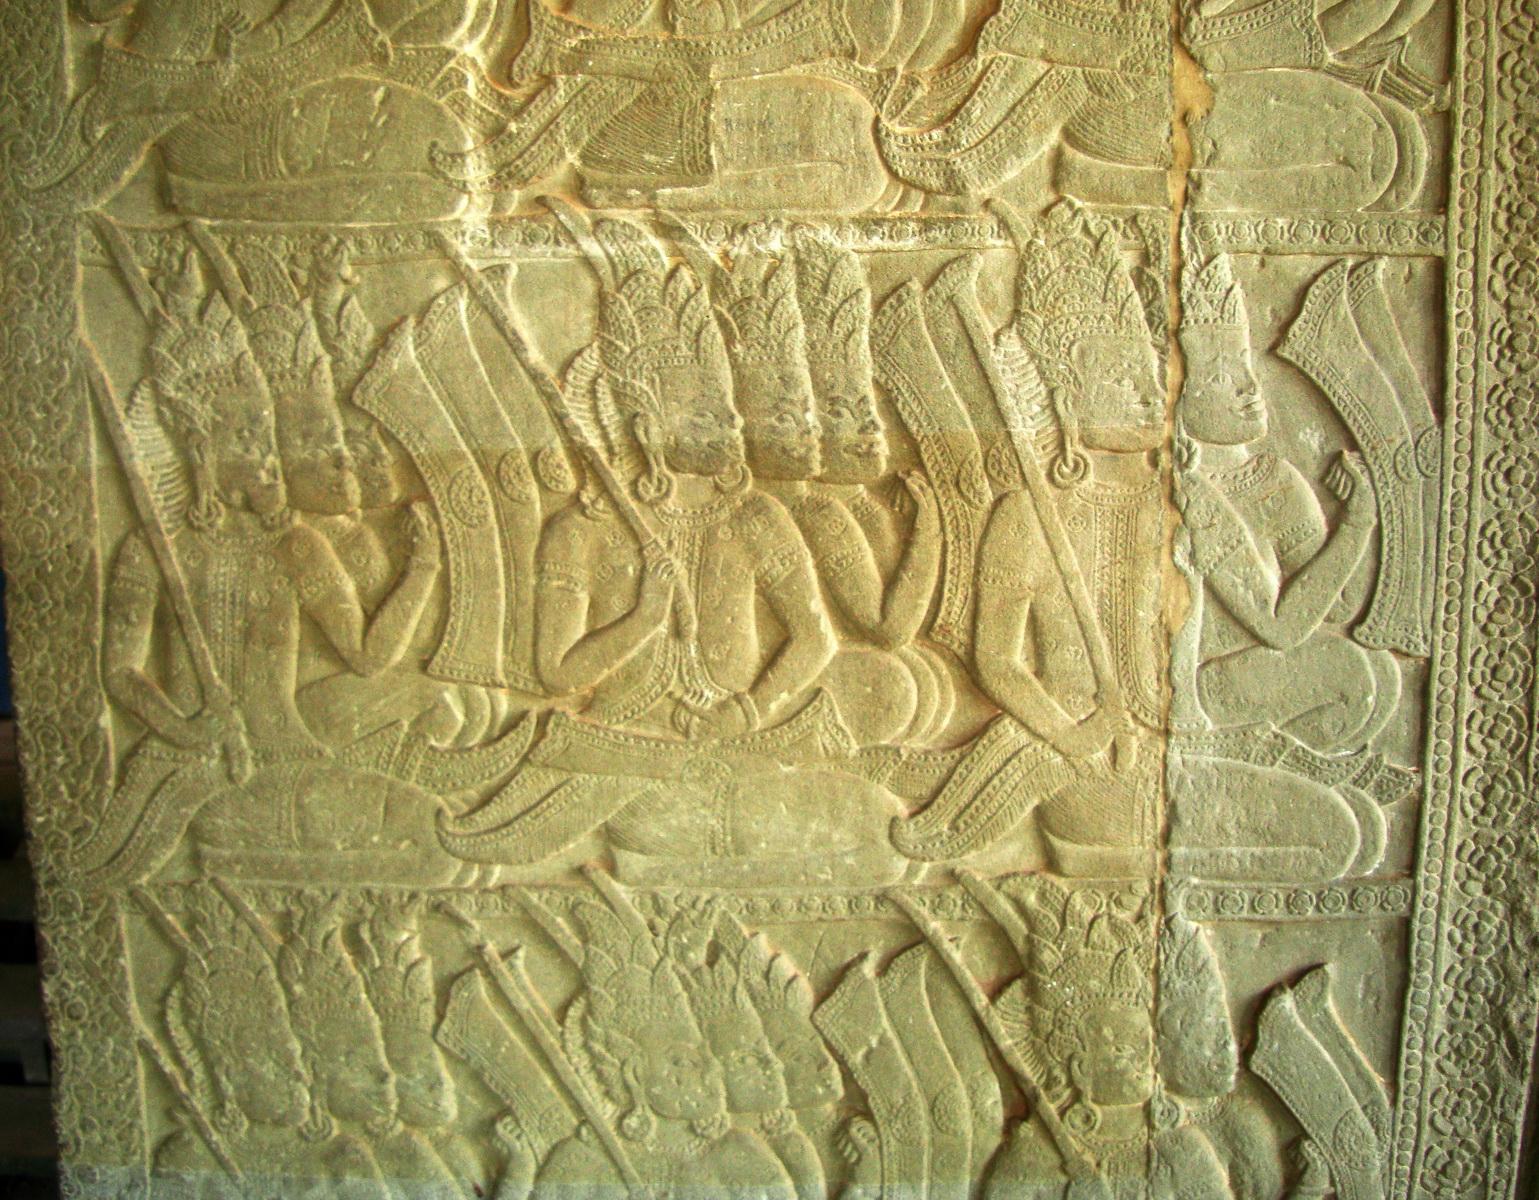 Angkor Wat Bas relief N Gallery W Wing Battle of Devas and Asuras 08